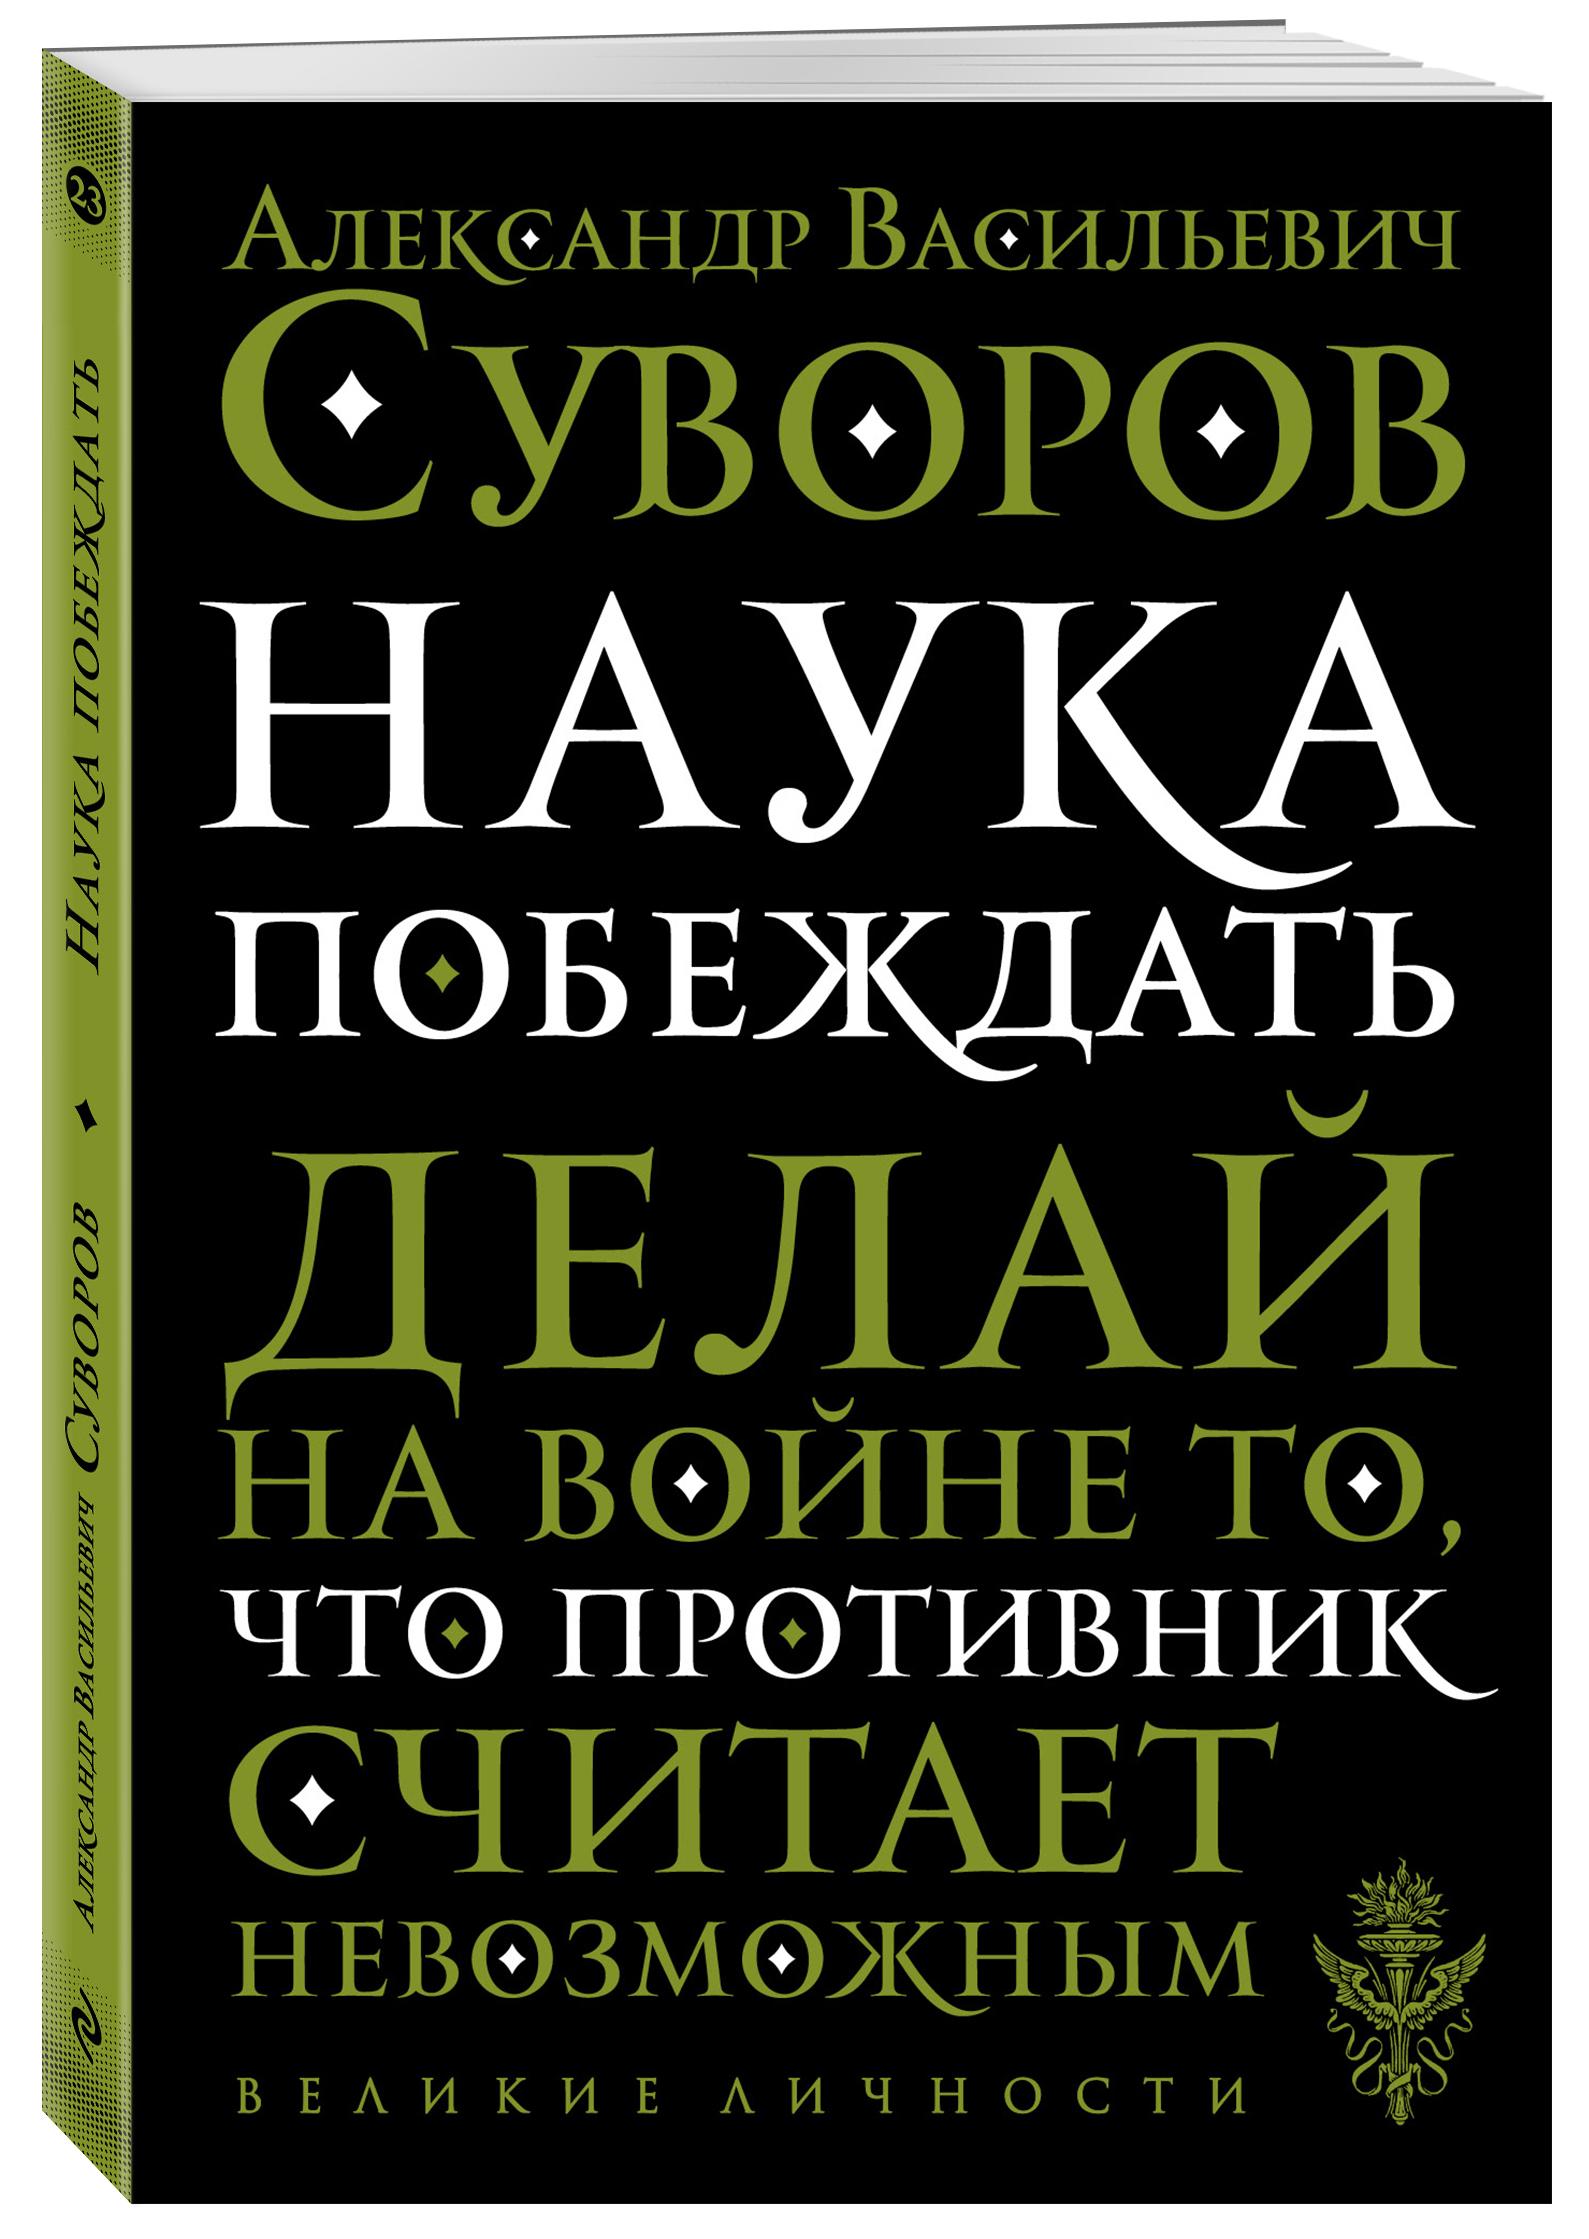 А. В. Суворов Наука побеждать александр суворов наука побеждать